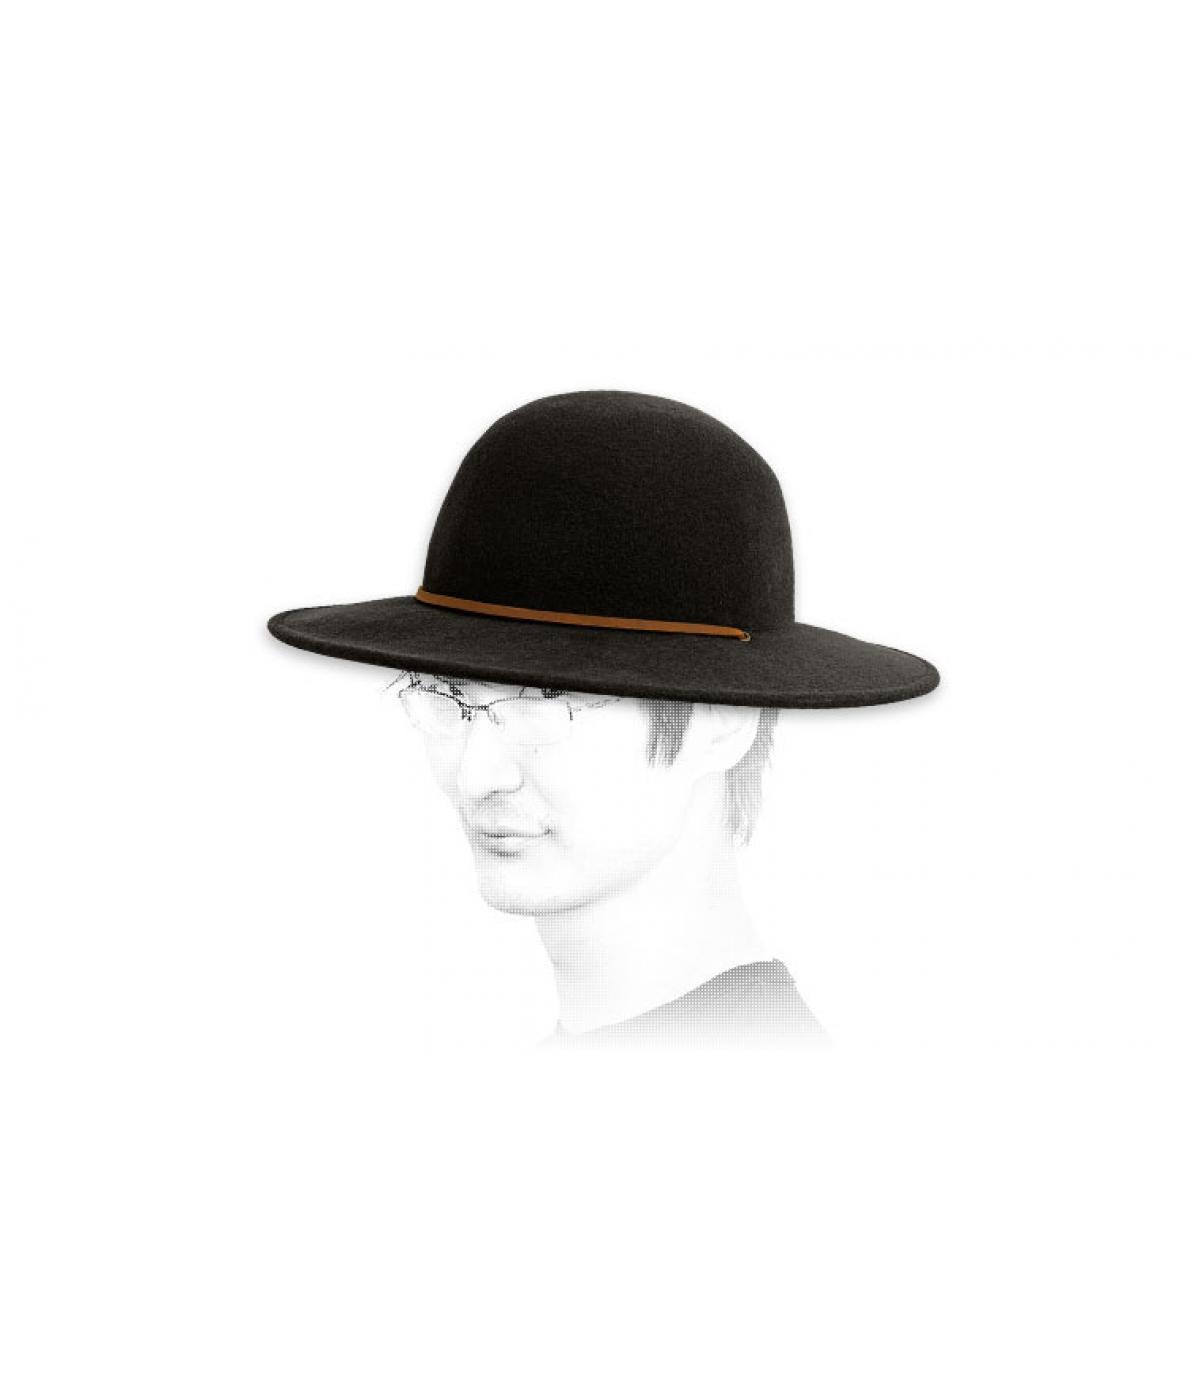 Détails Chapeau Tiller black - image 3